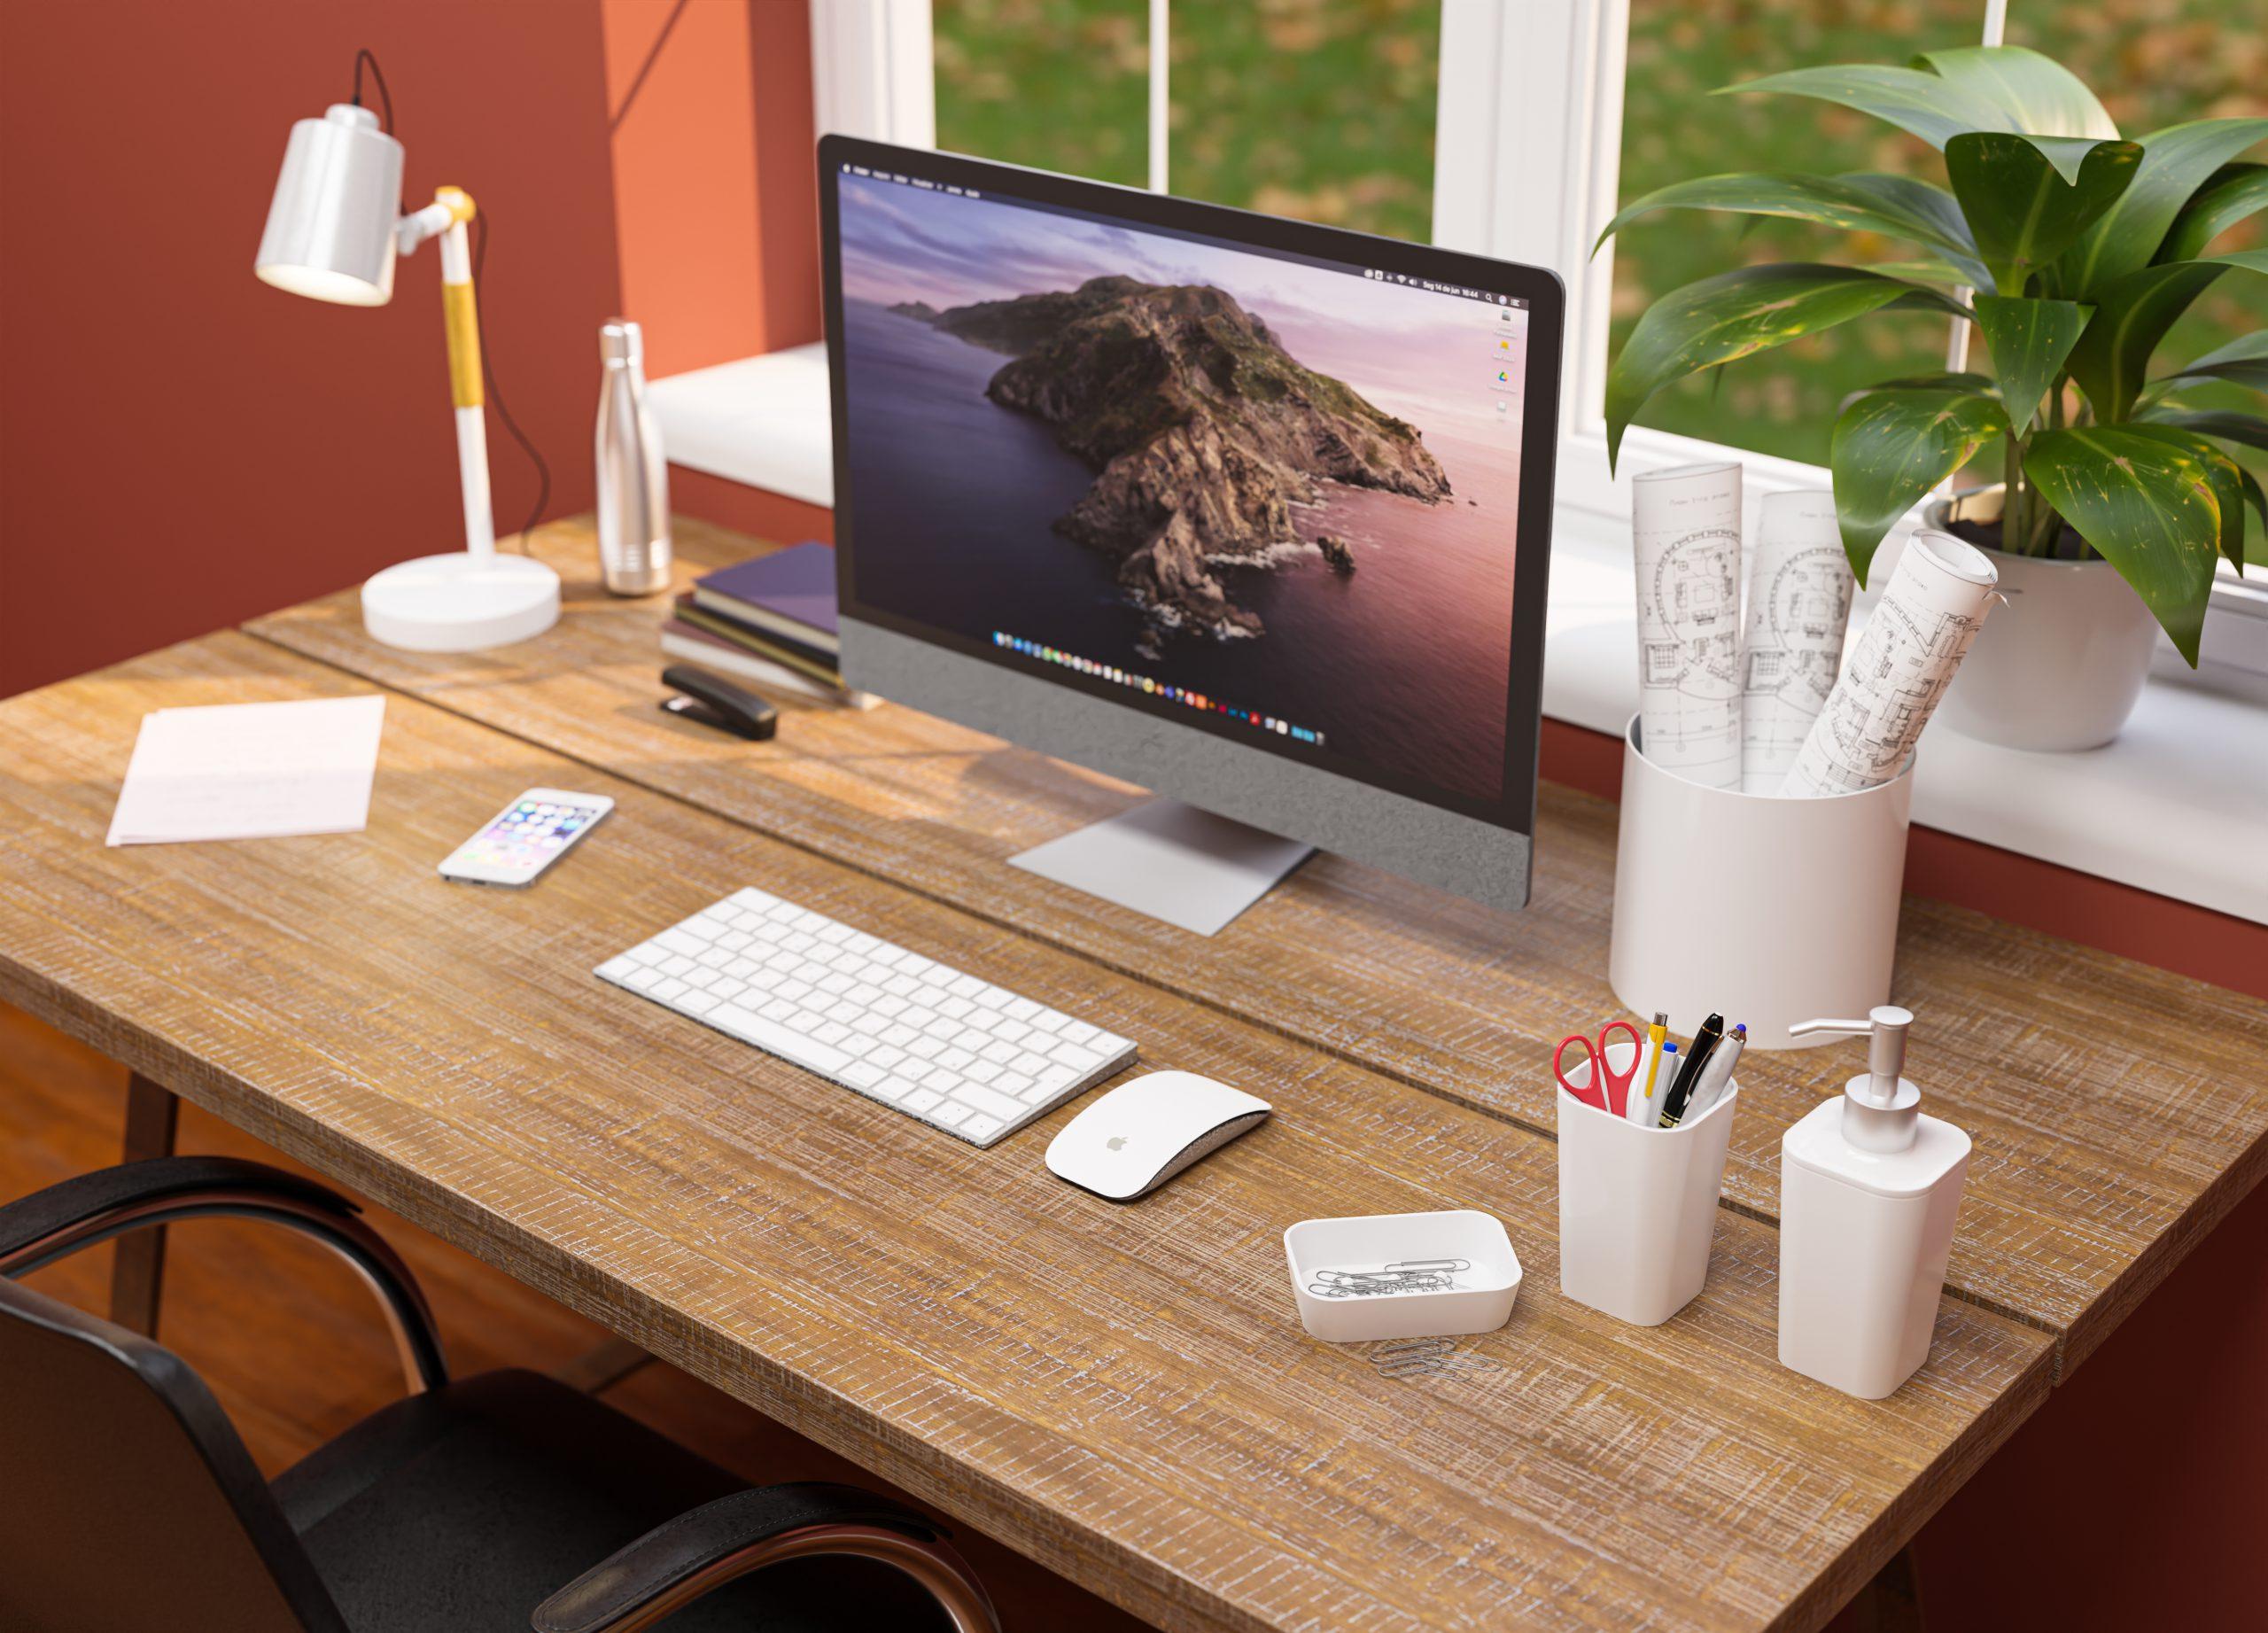 Uma escrivaninha marrom com um Macbook e alguns porta-objetos da linha Office da Astra aparecem na imagem.